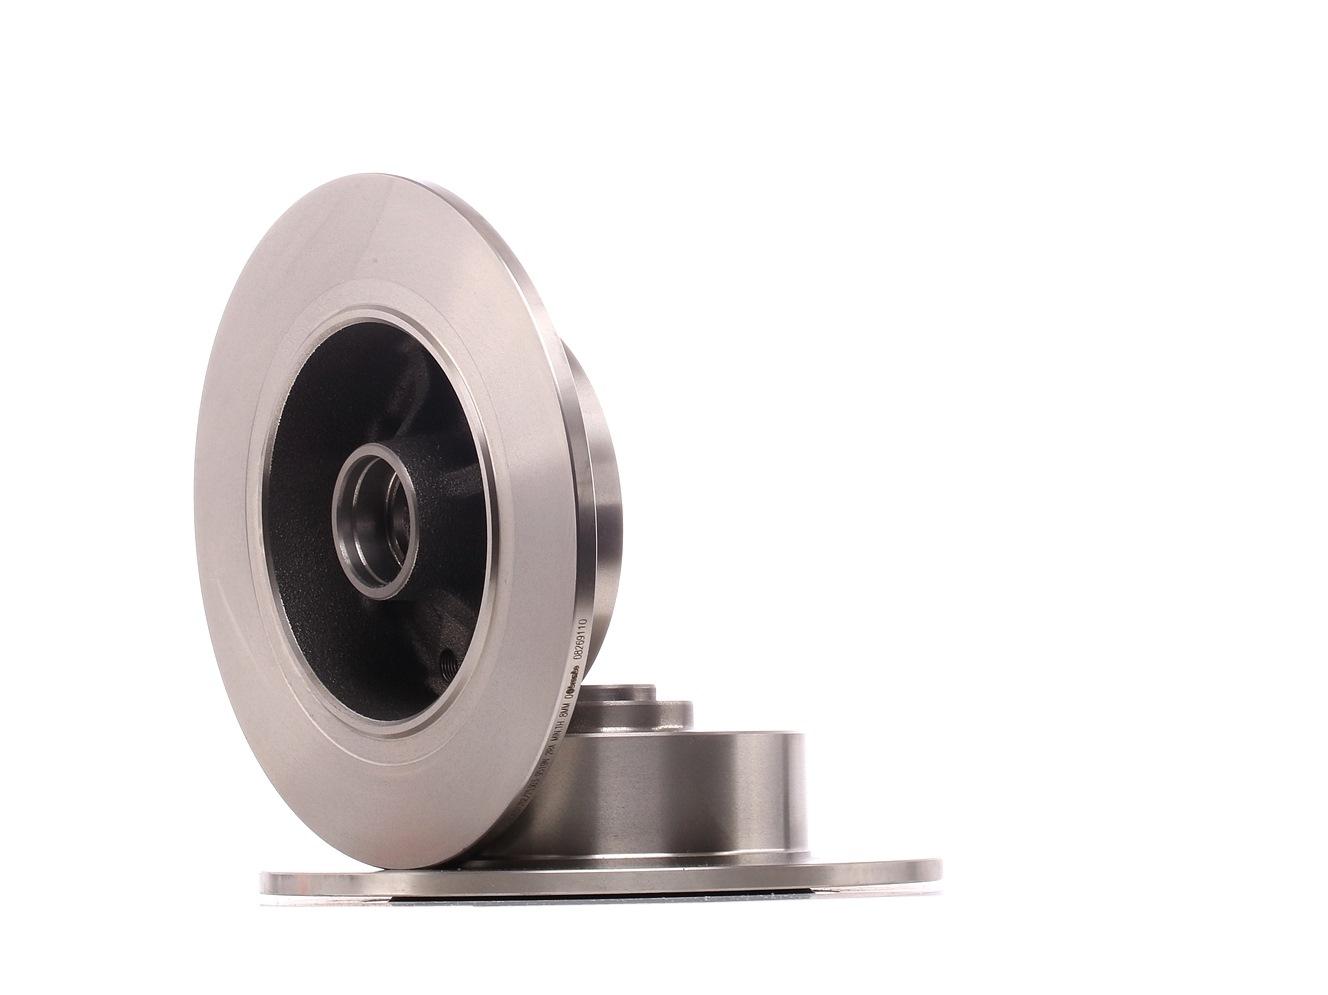 Achetez Disque BREMBO 08.2691.10 (Ø: 278mm, Nbre de trous: 4, Épaisseur du disque de frein: 9,5mm) à un rapport qualité-prix exceptionnel